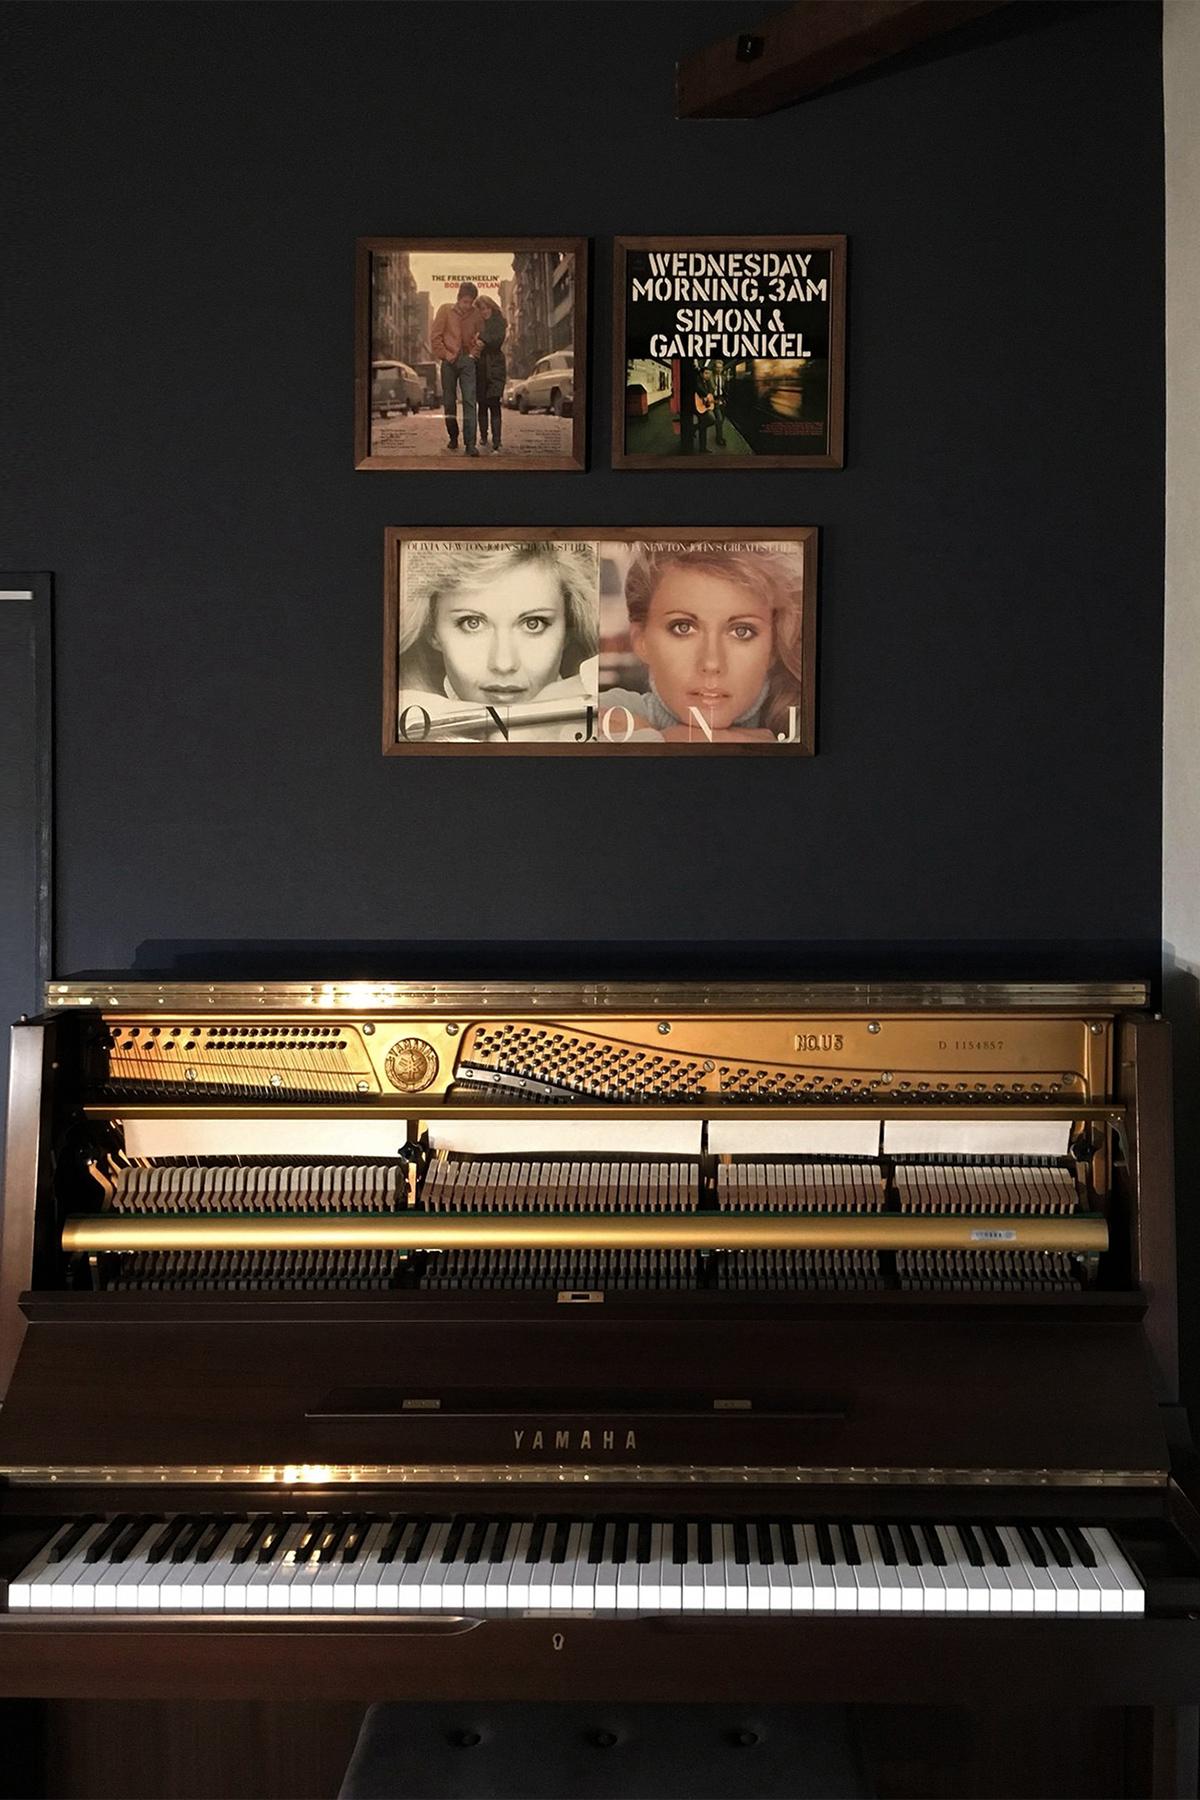 ピアノ、アンティークオーディオに寄り添うように | レコードジャケットフレーム / FRAME (No.03)  | マルゲリータ使用例 シンプル おしゃれ 部屋 インテリア レイアウト